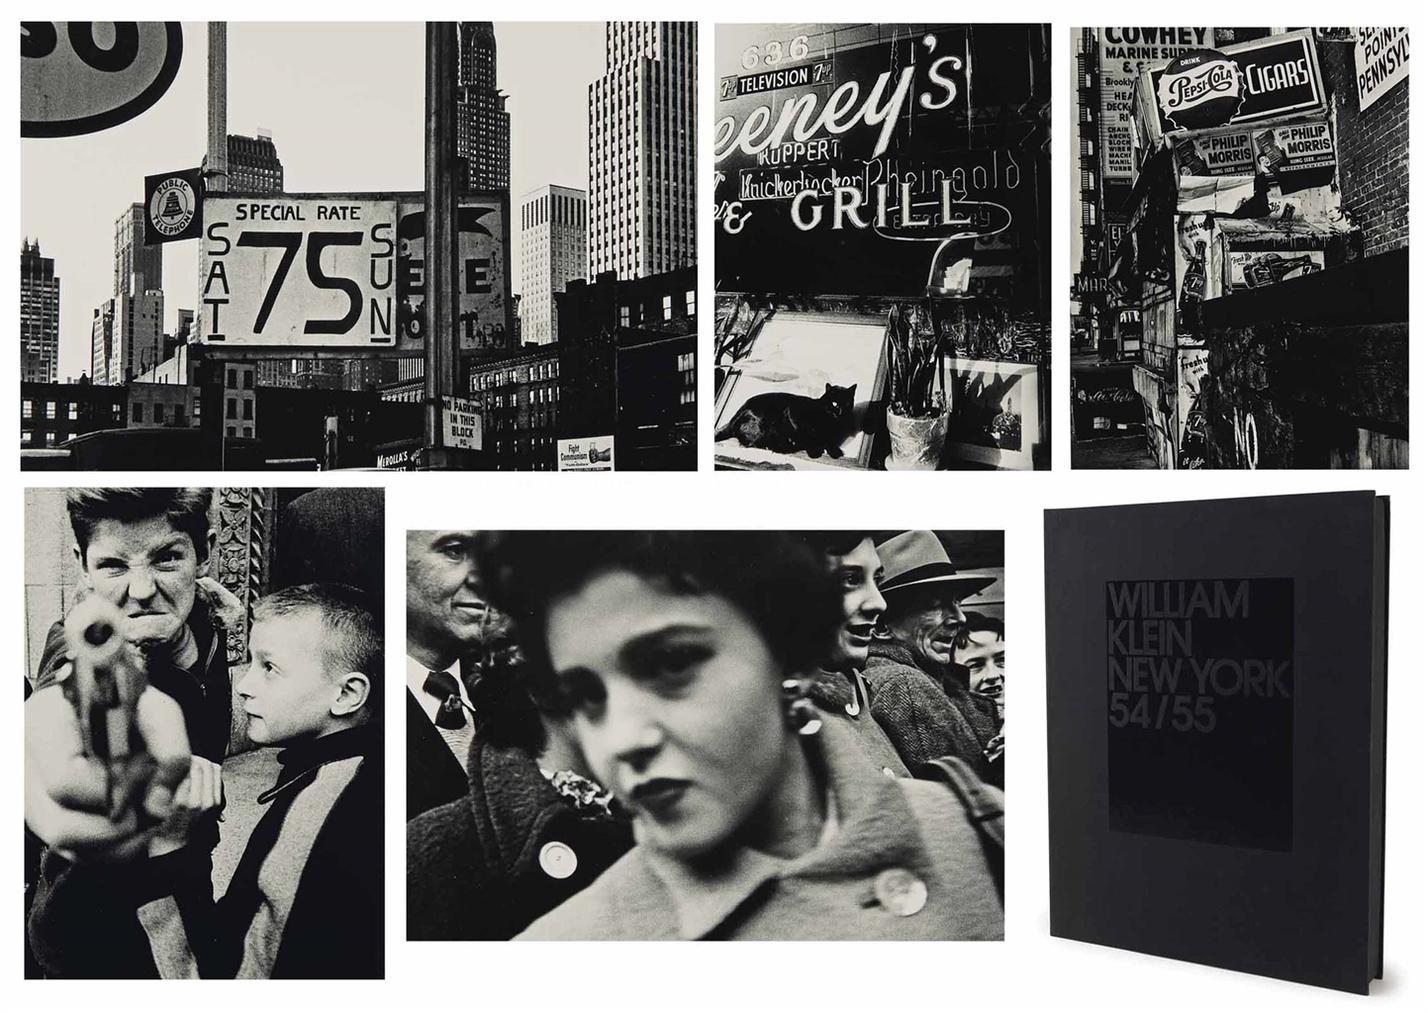 William Klein-William Klein: New York 54/55-